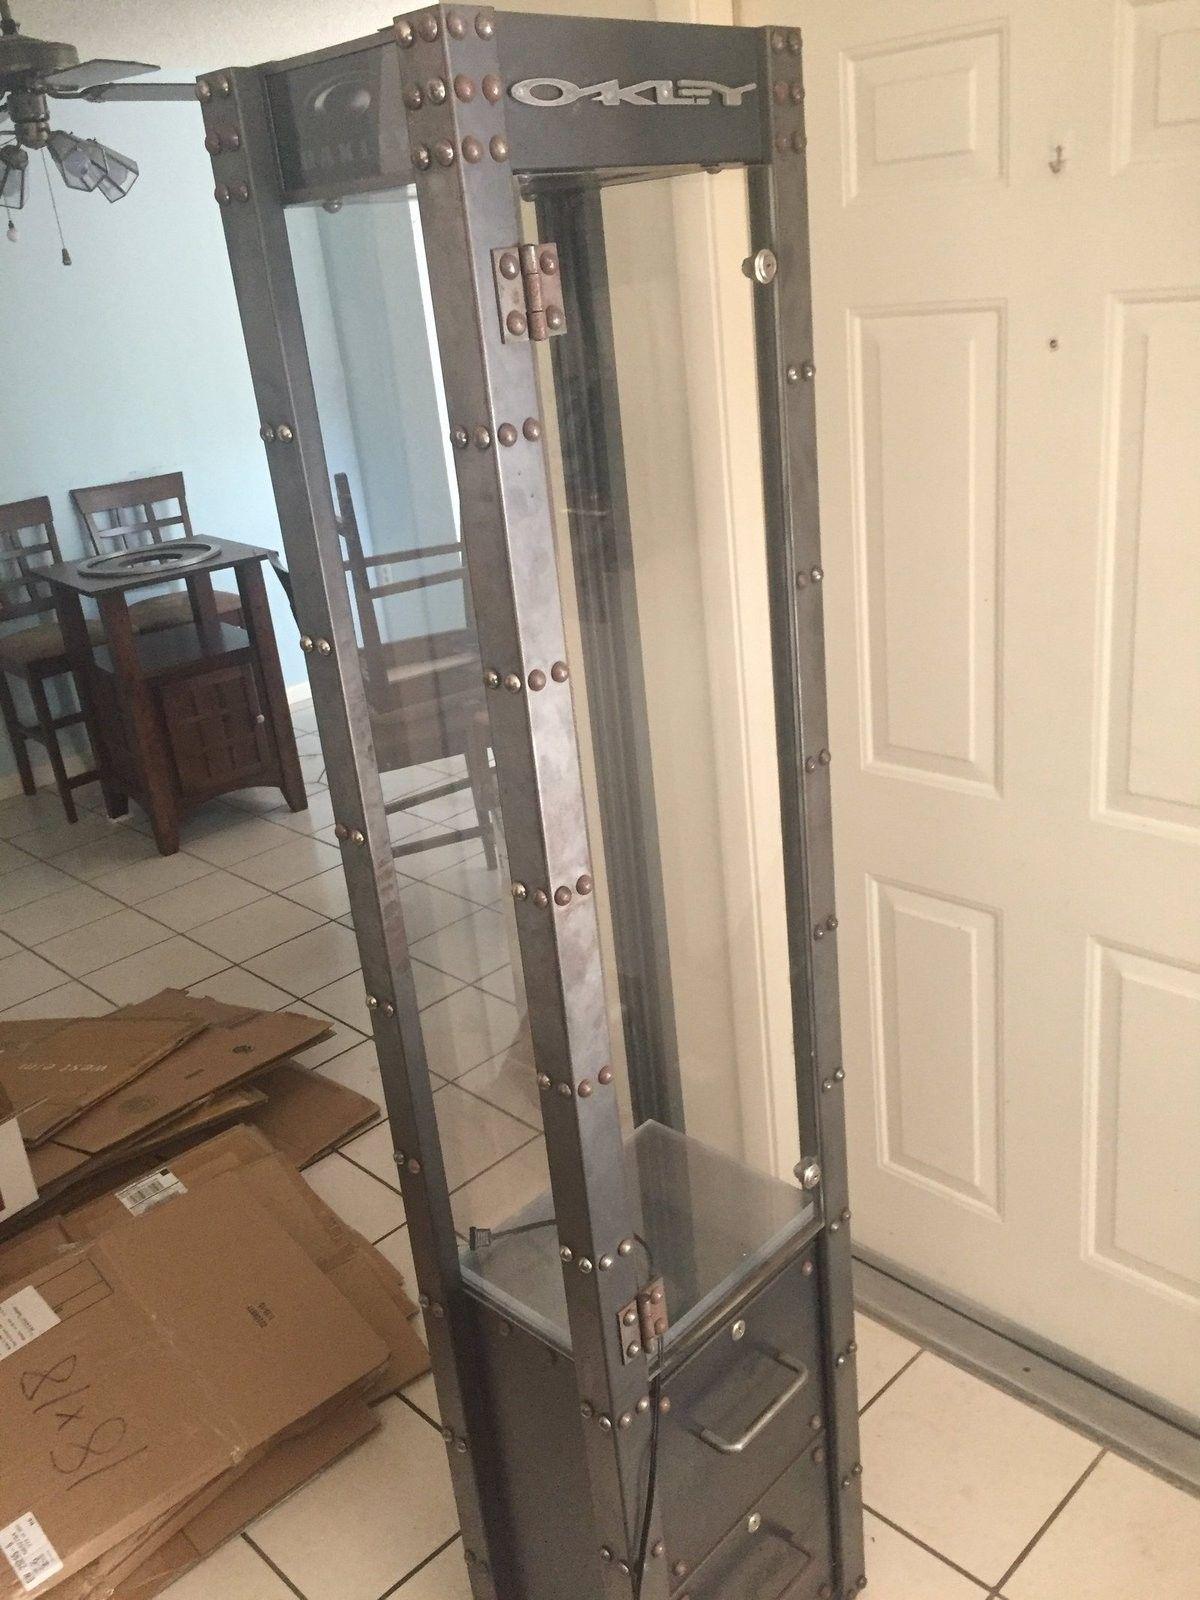 Stretchline tower complete w/light rig - image.jpeg